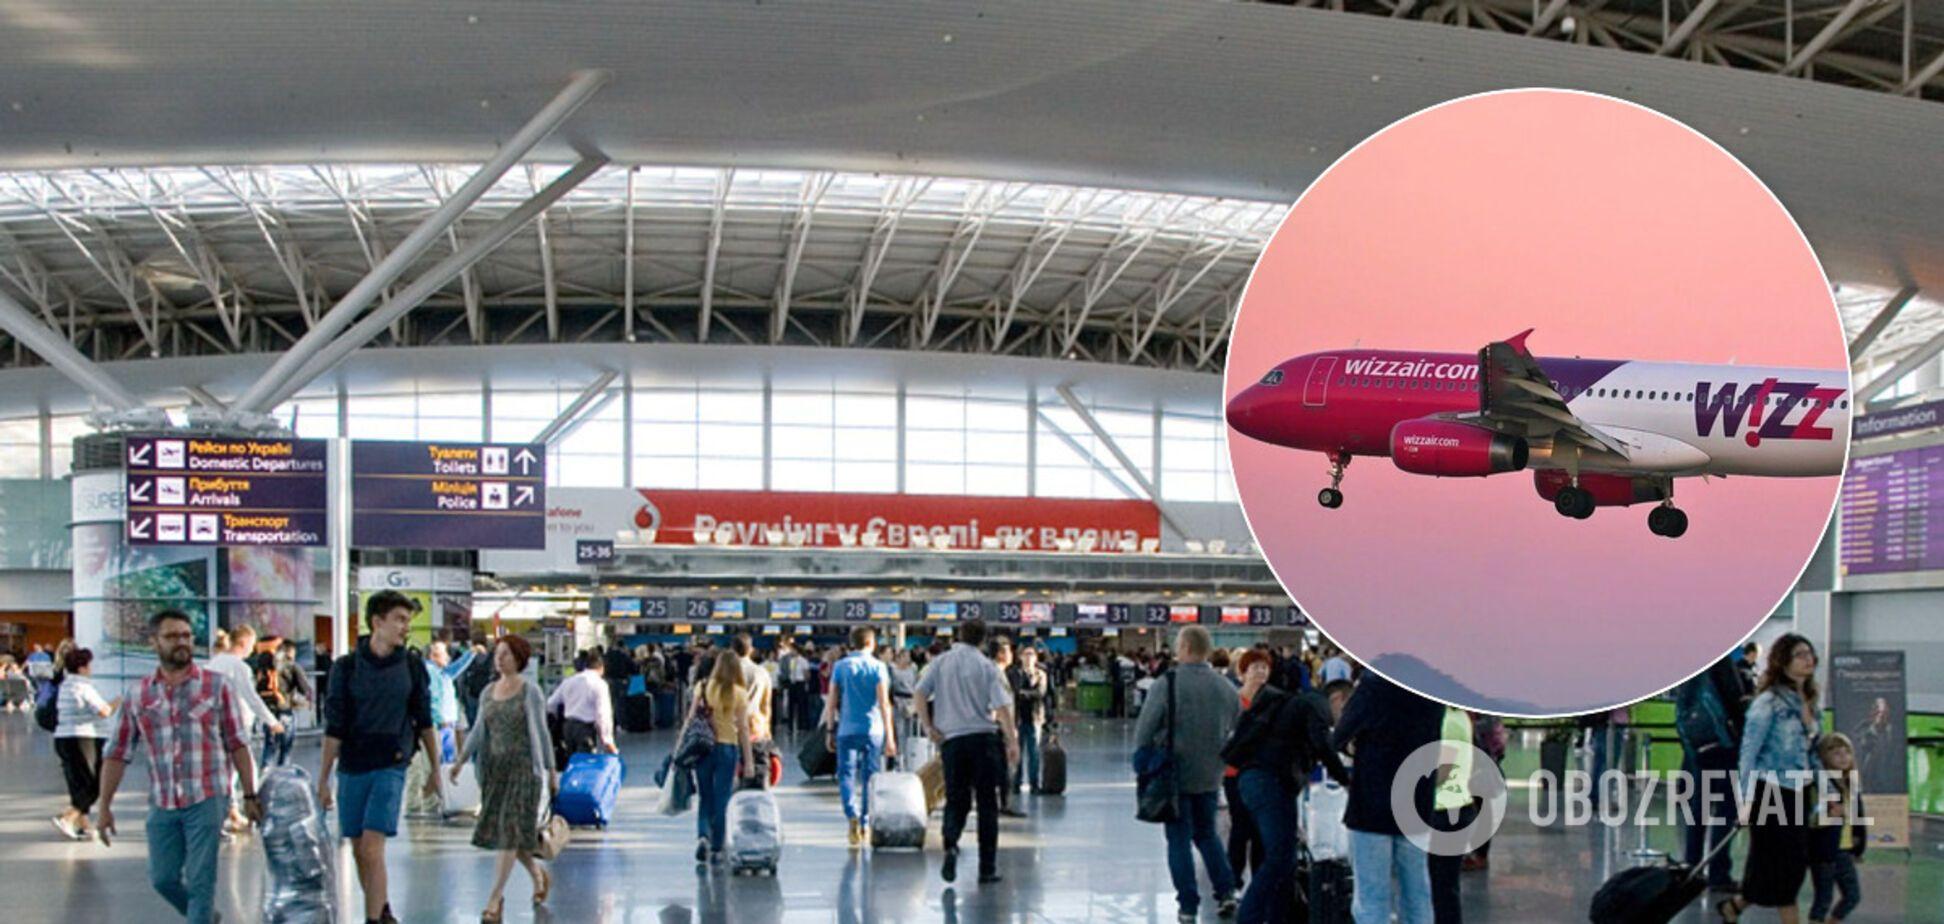 Wizz Air официально отменила все ближайшие рейсы и назвала дату полетов